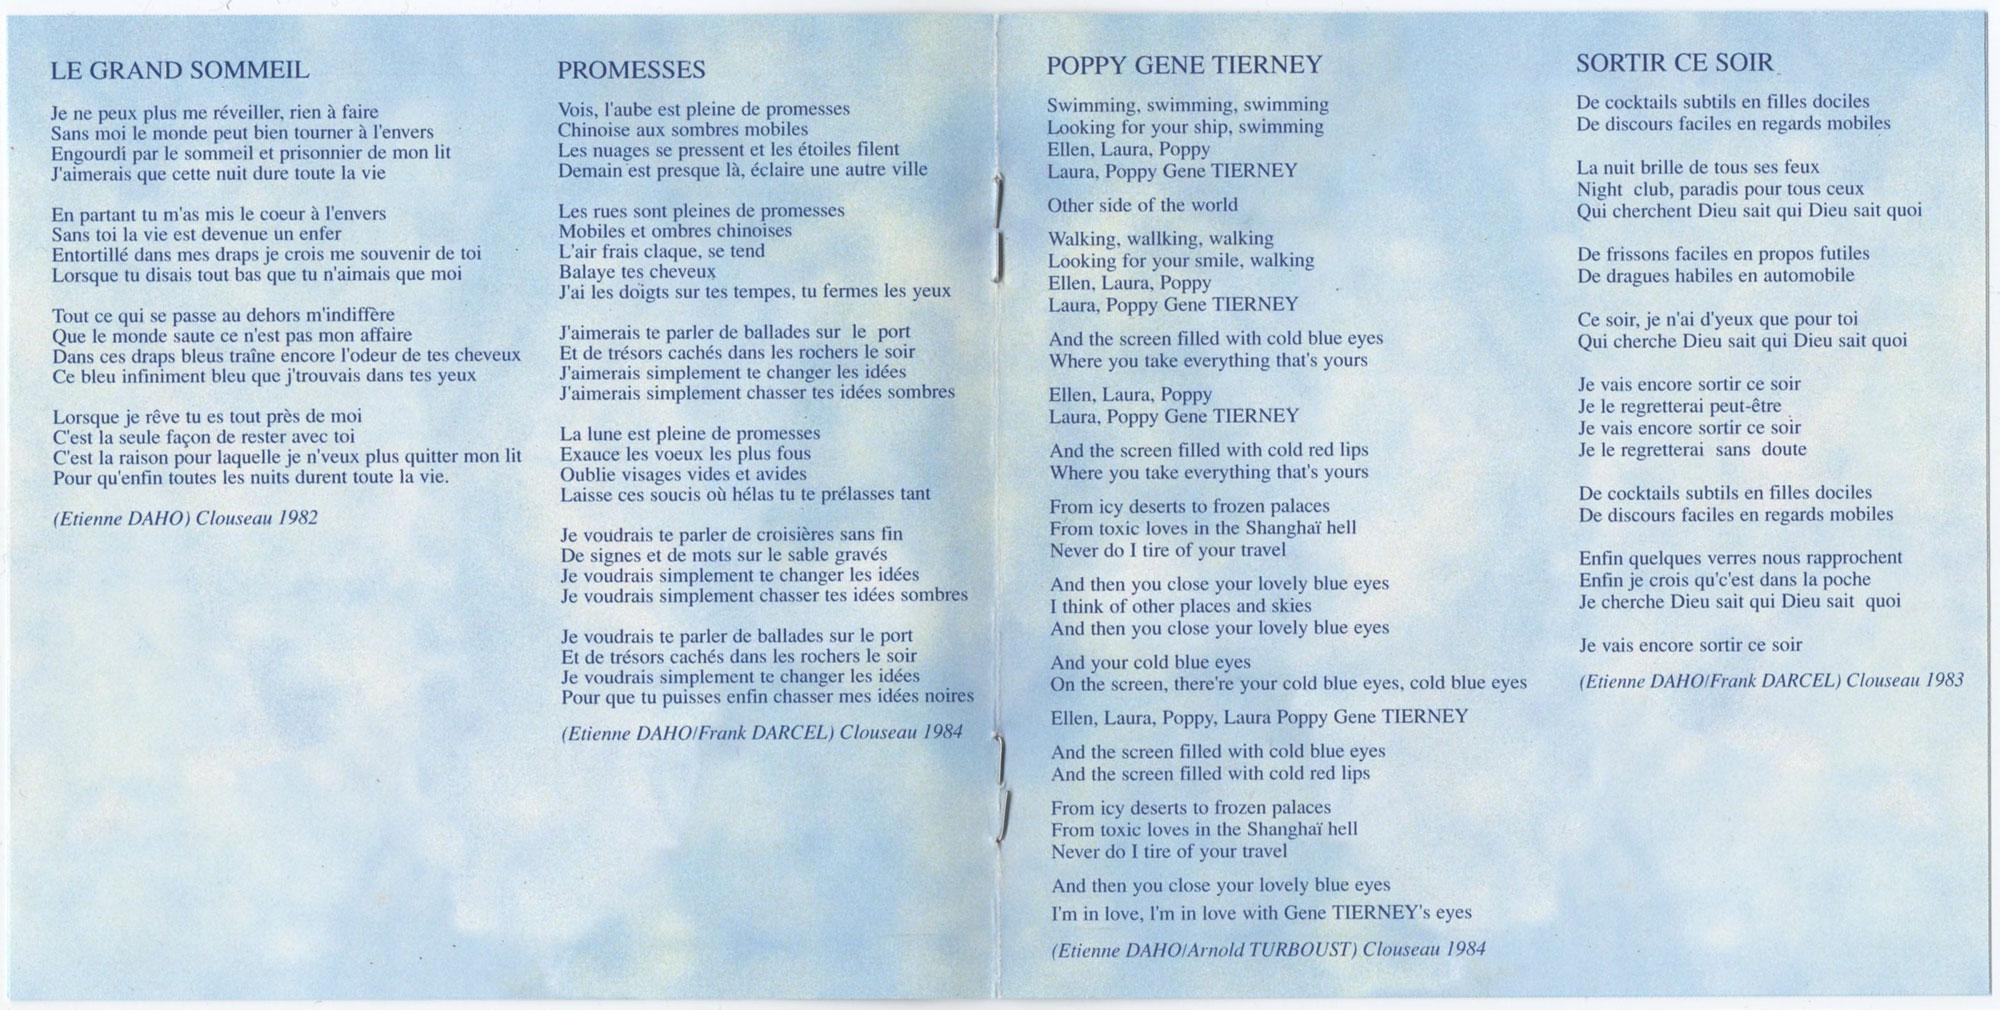 Livret intérieur, page 4-5